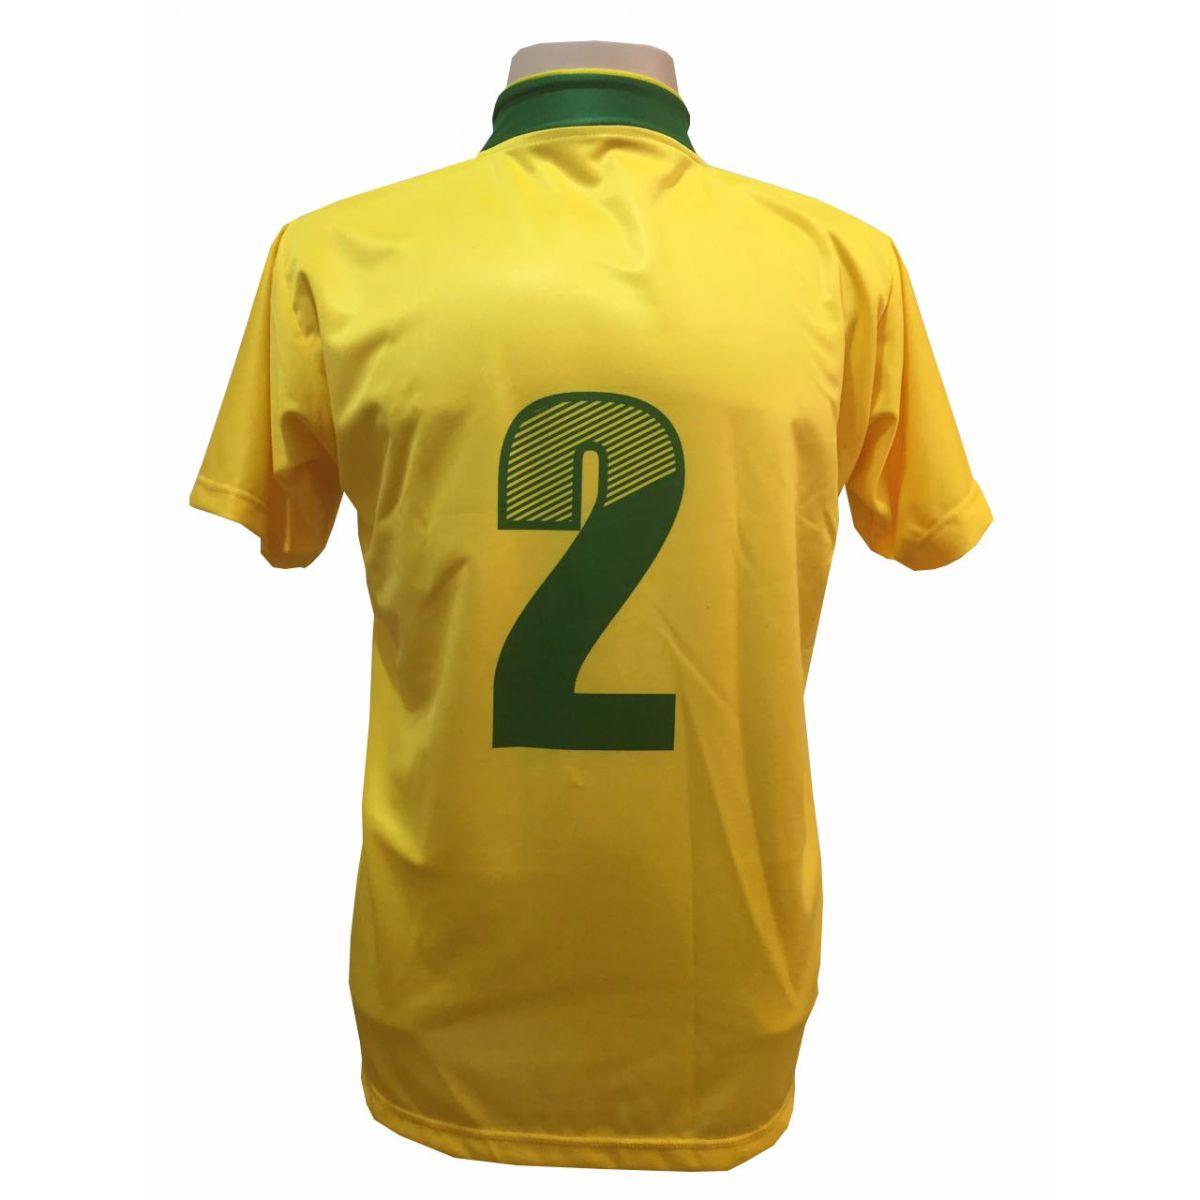 Uniforme Esportivo com 14 Camisas modelo Palermo Amarelo/Verde + 14 Calções modelo Madri Amarelo